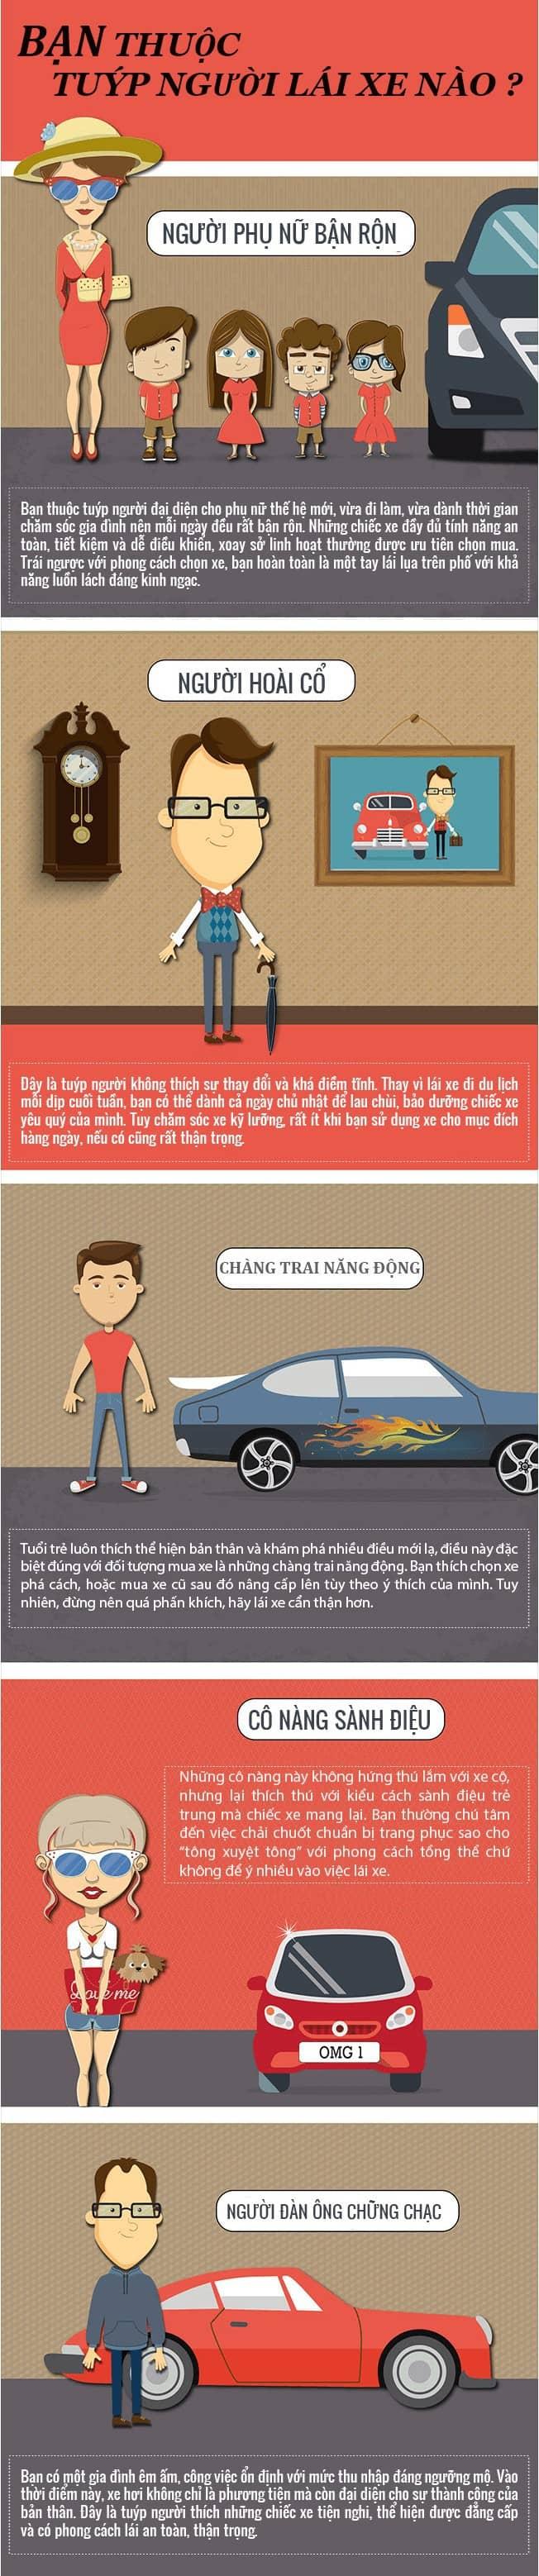 Bạn là tuýp người lái xe bận rộn, hoài cổ, năng động, sành điệu hay chững chạc? 1